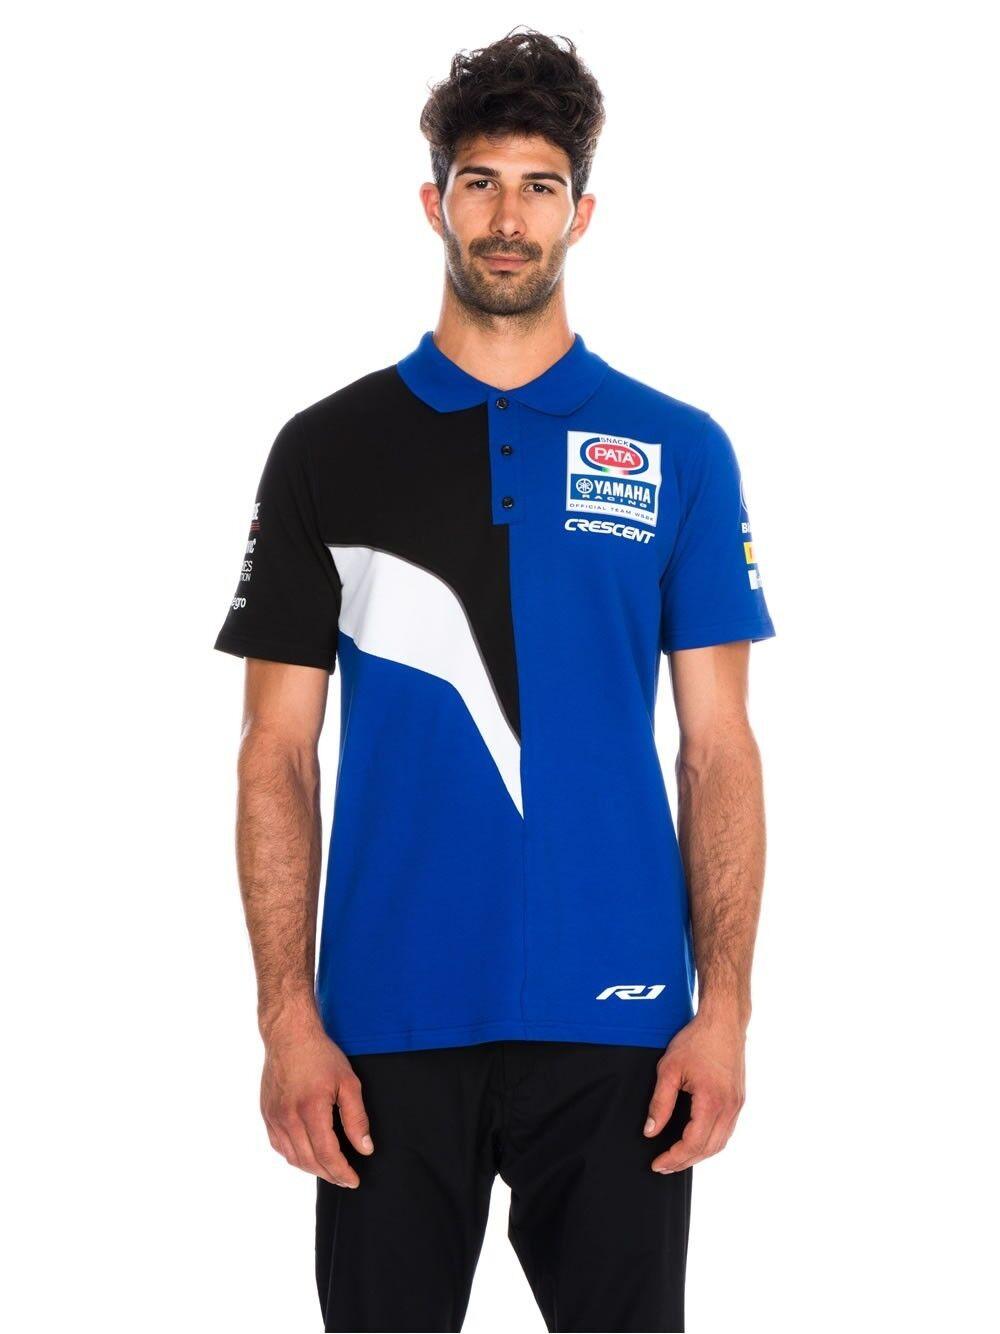 Offiziell Pata Yamaha Racing Team Polohemd - 16 17007   | Sale Online Shop  | Authentische Garantie  | Bequeme Berührung